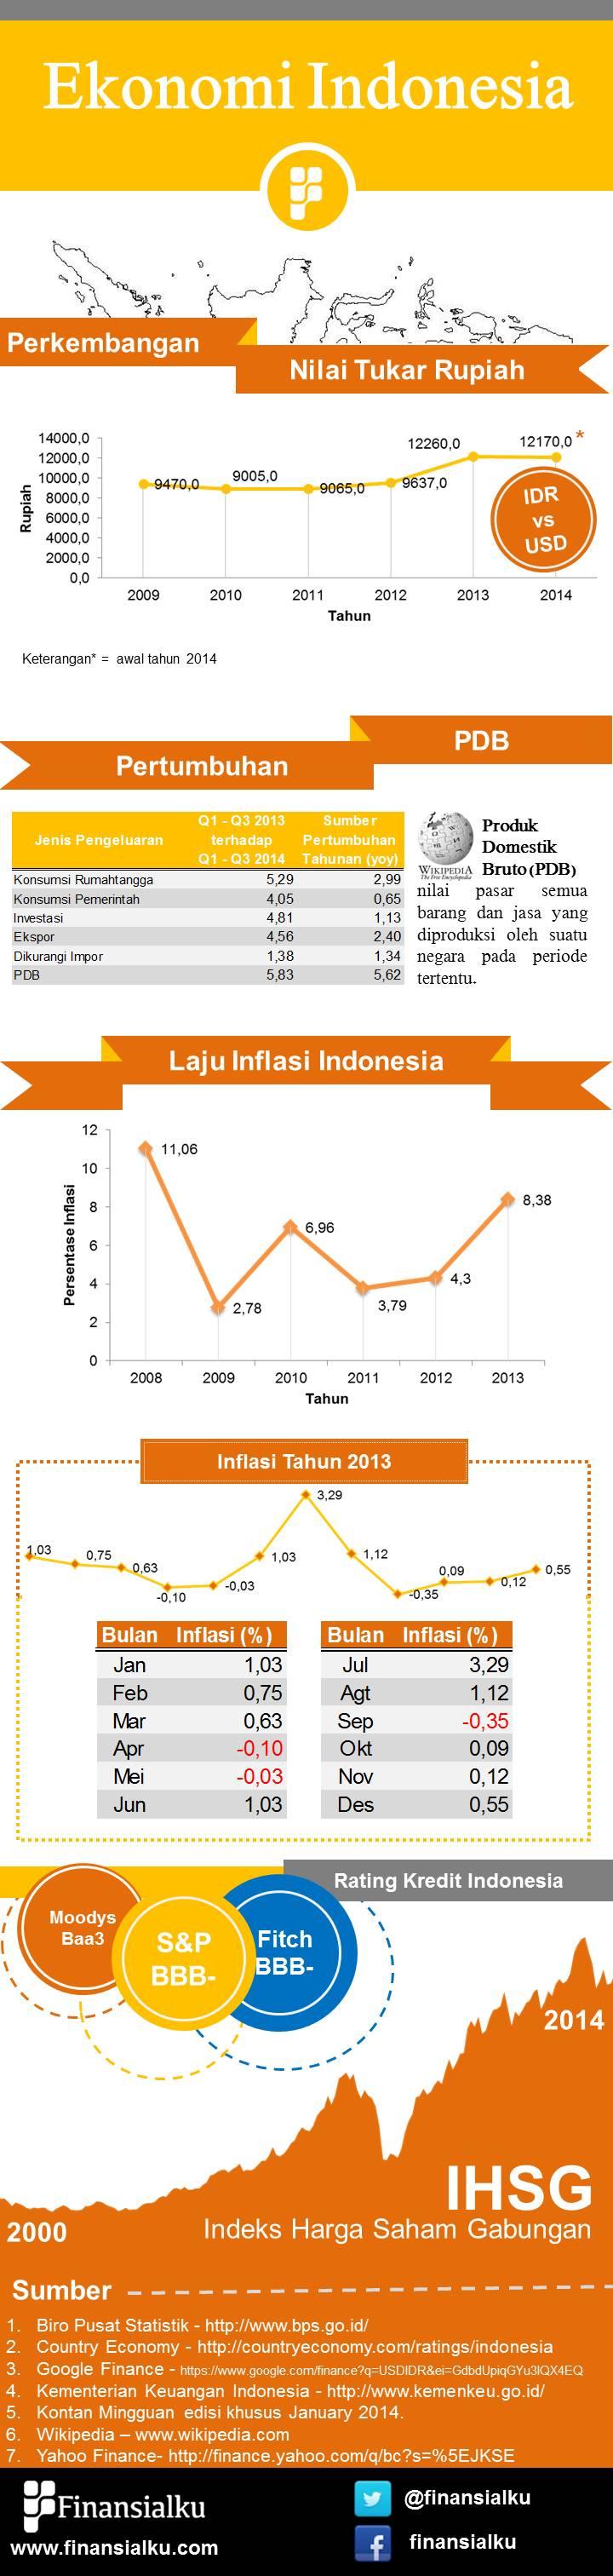 Infografis Data Ekonomi Indonesia